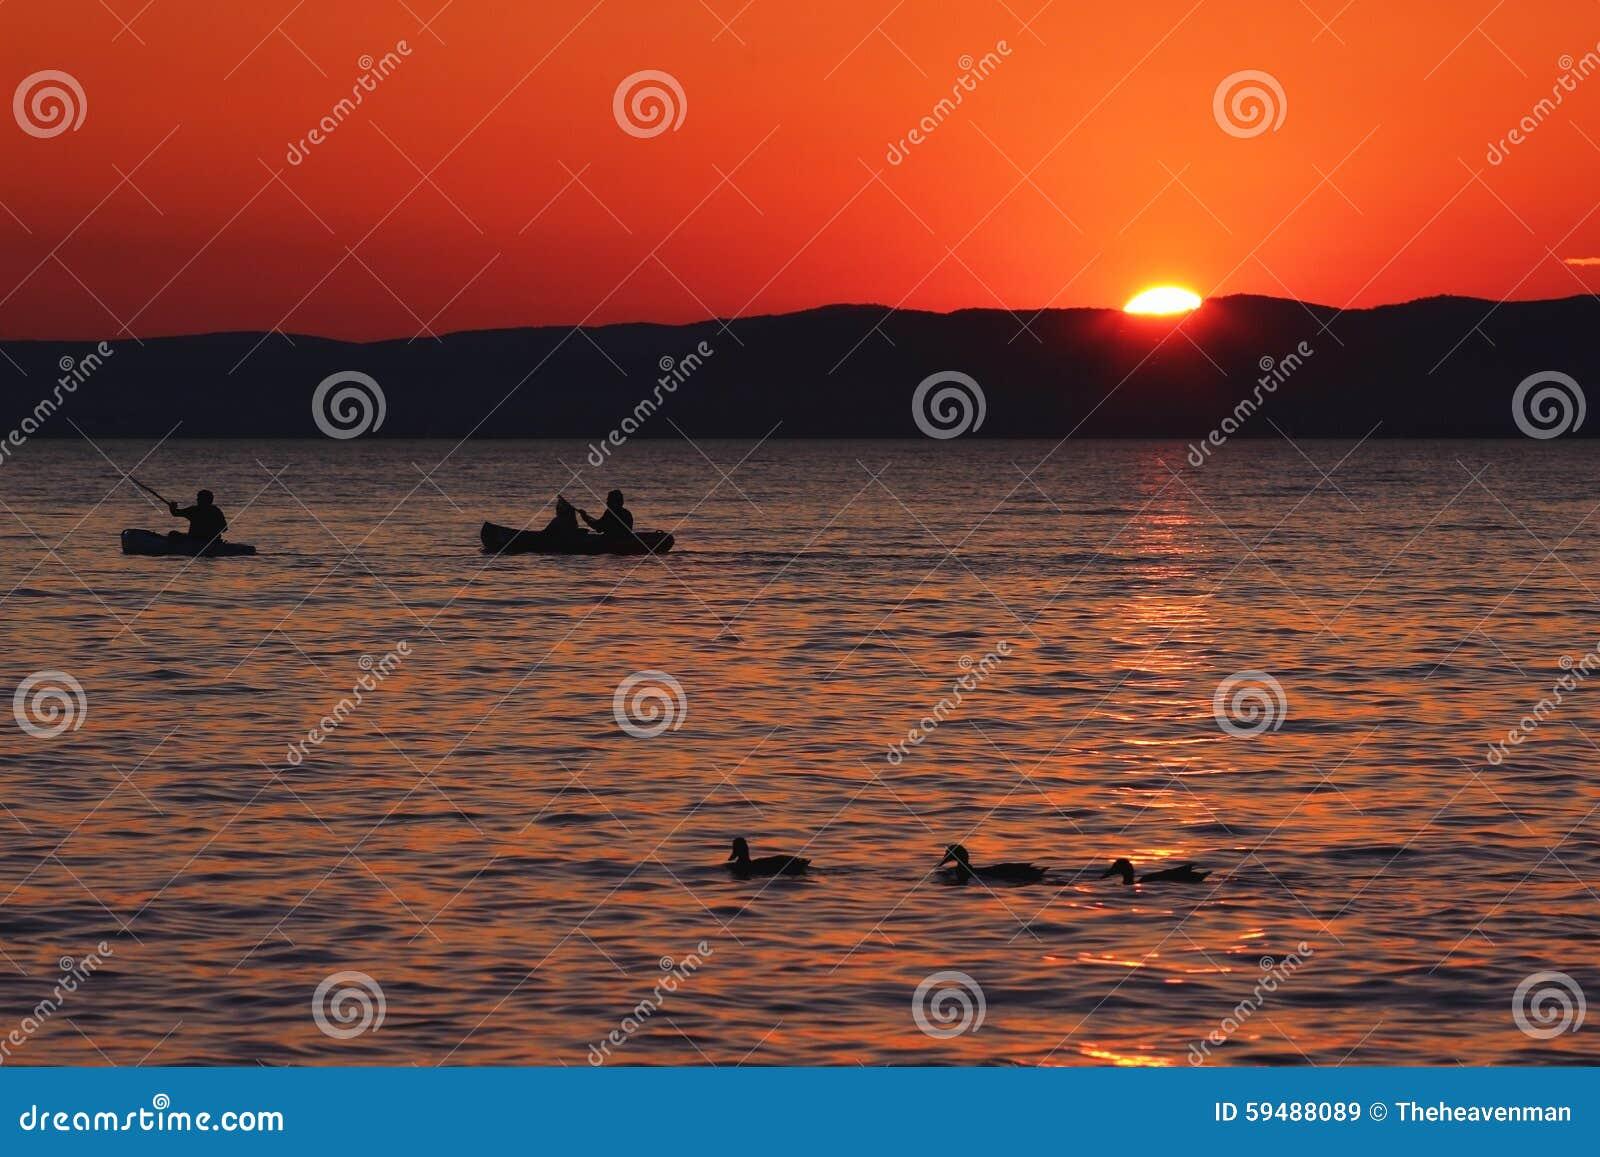 Ηλιοβασίλεμα πέρα από τη λίμνη με τις βάρκες και τις πάπιες